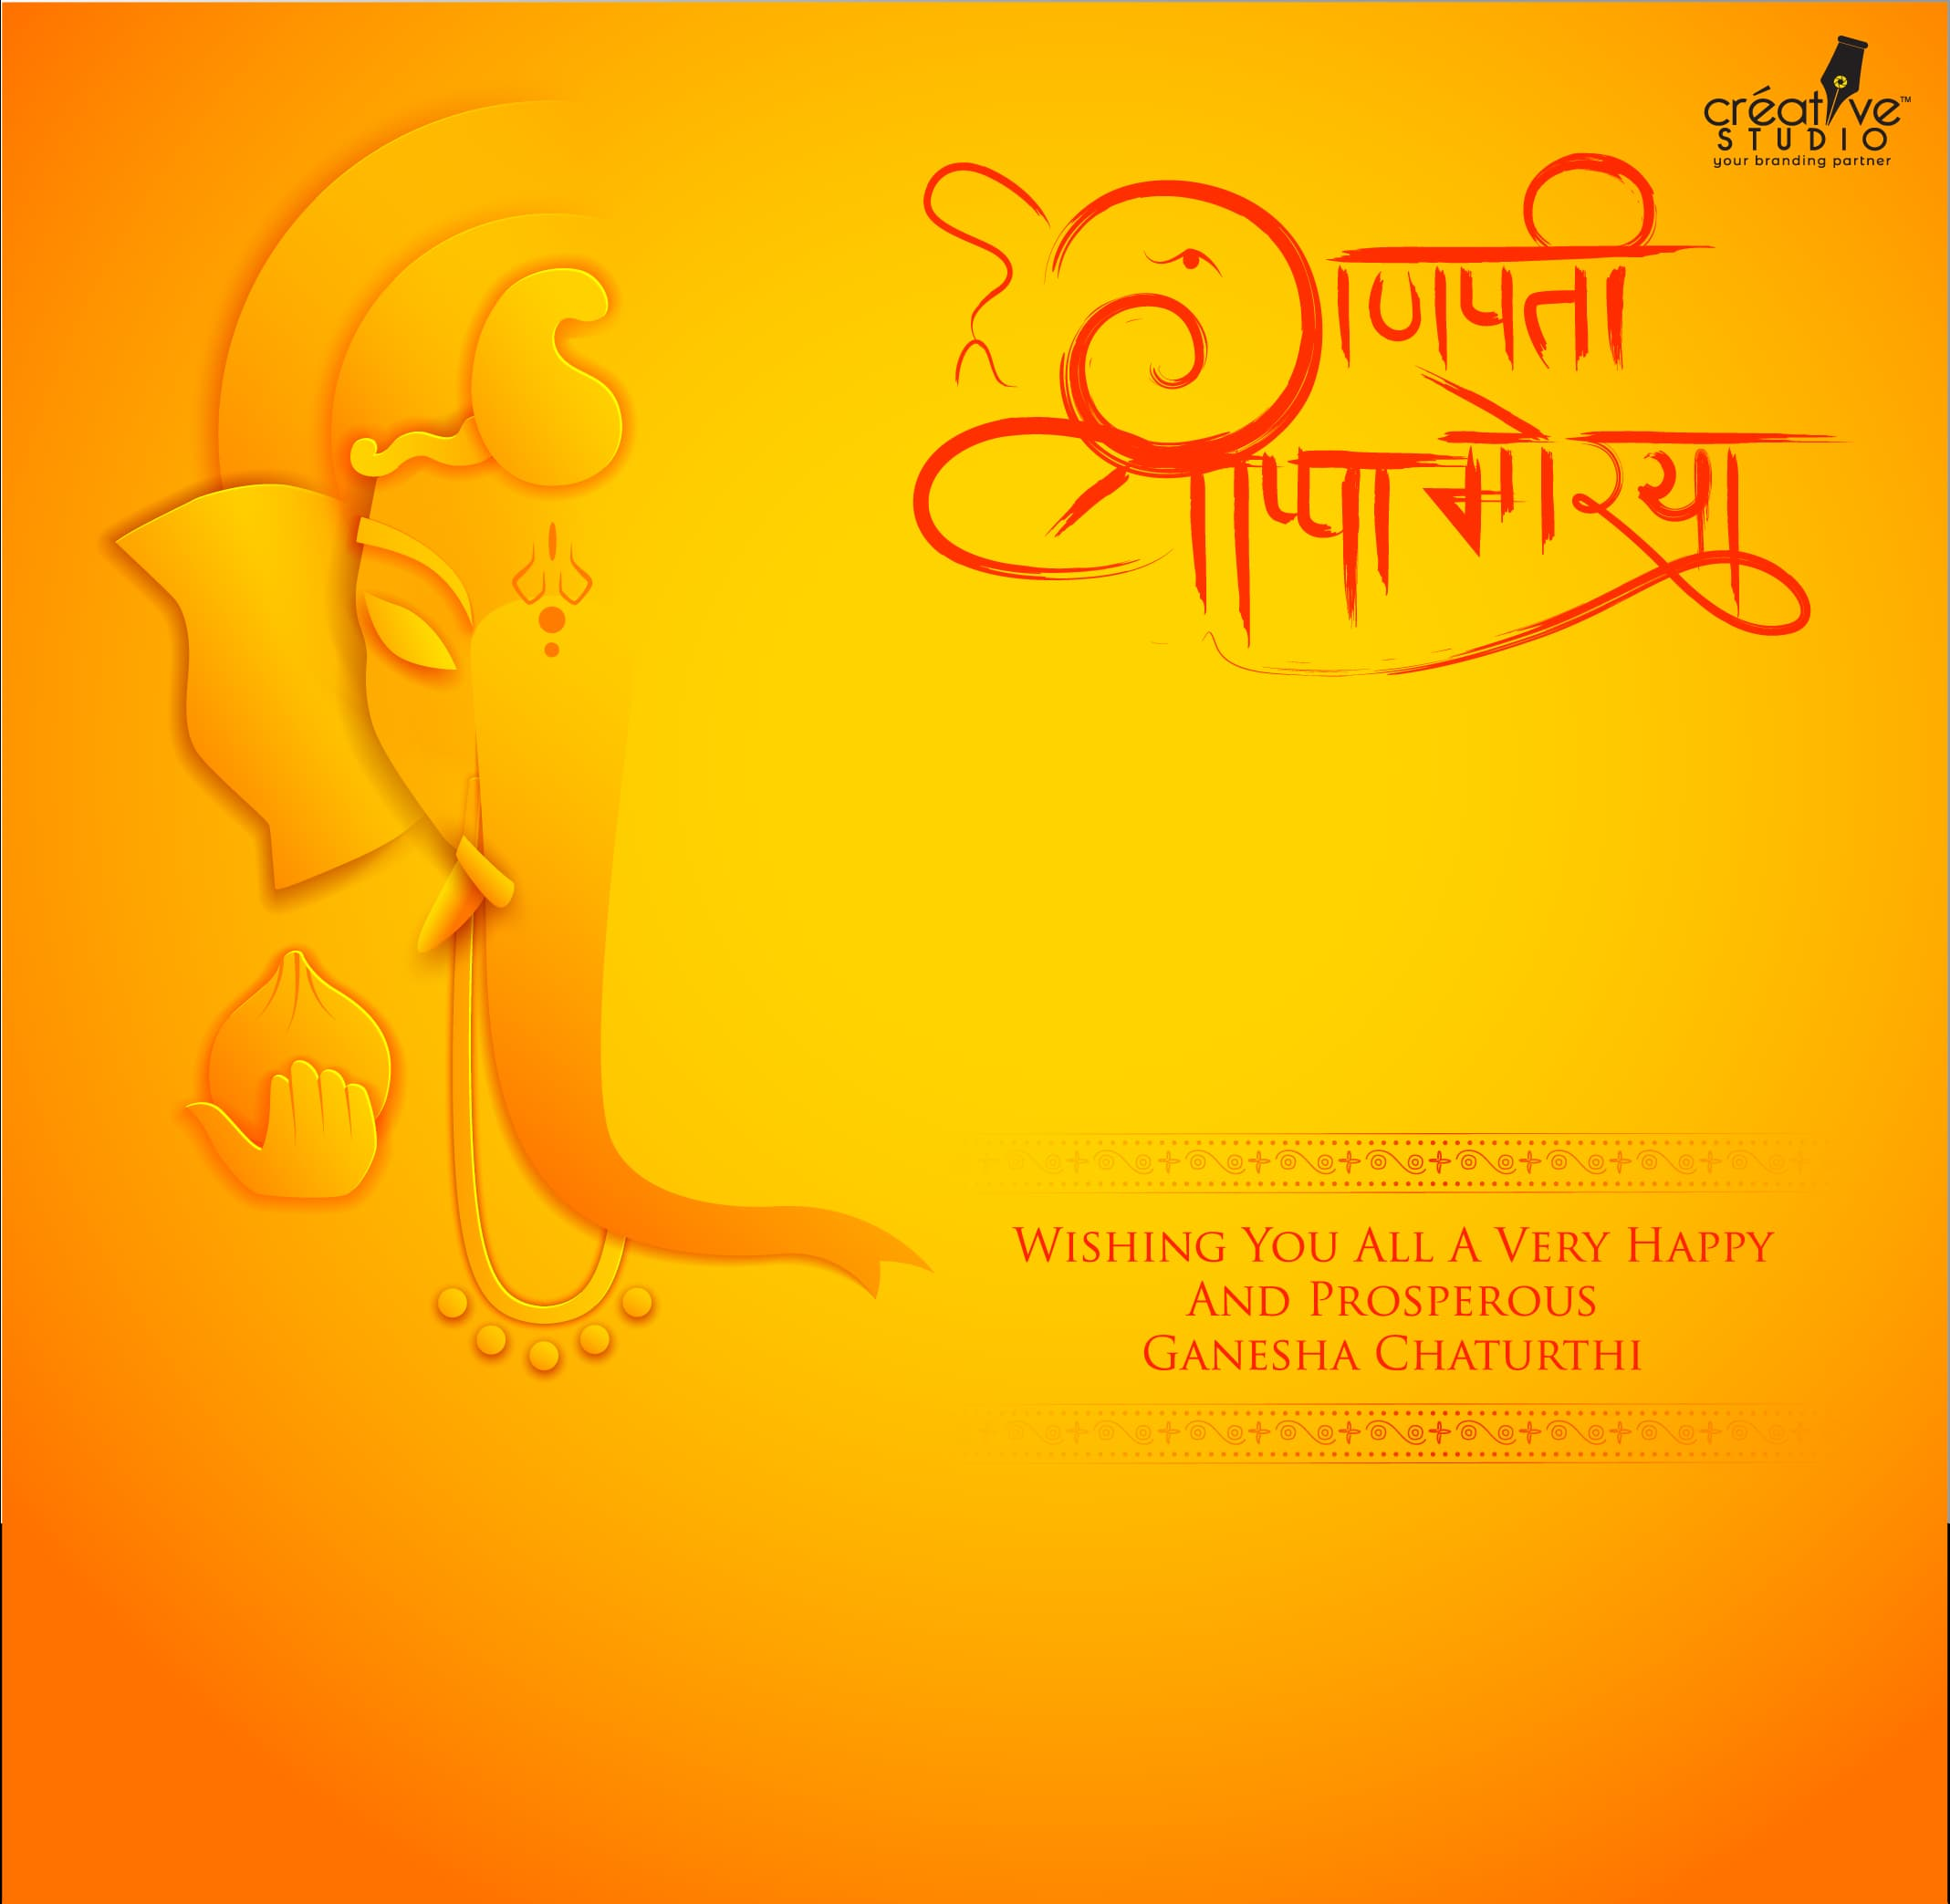 ganesh chaturthi 05 - Happy Ganesh Chaturthi